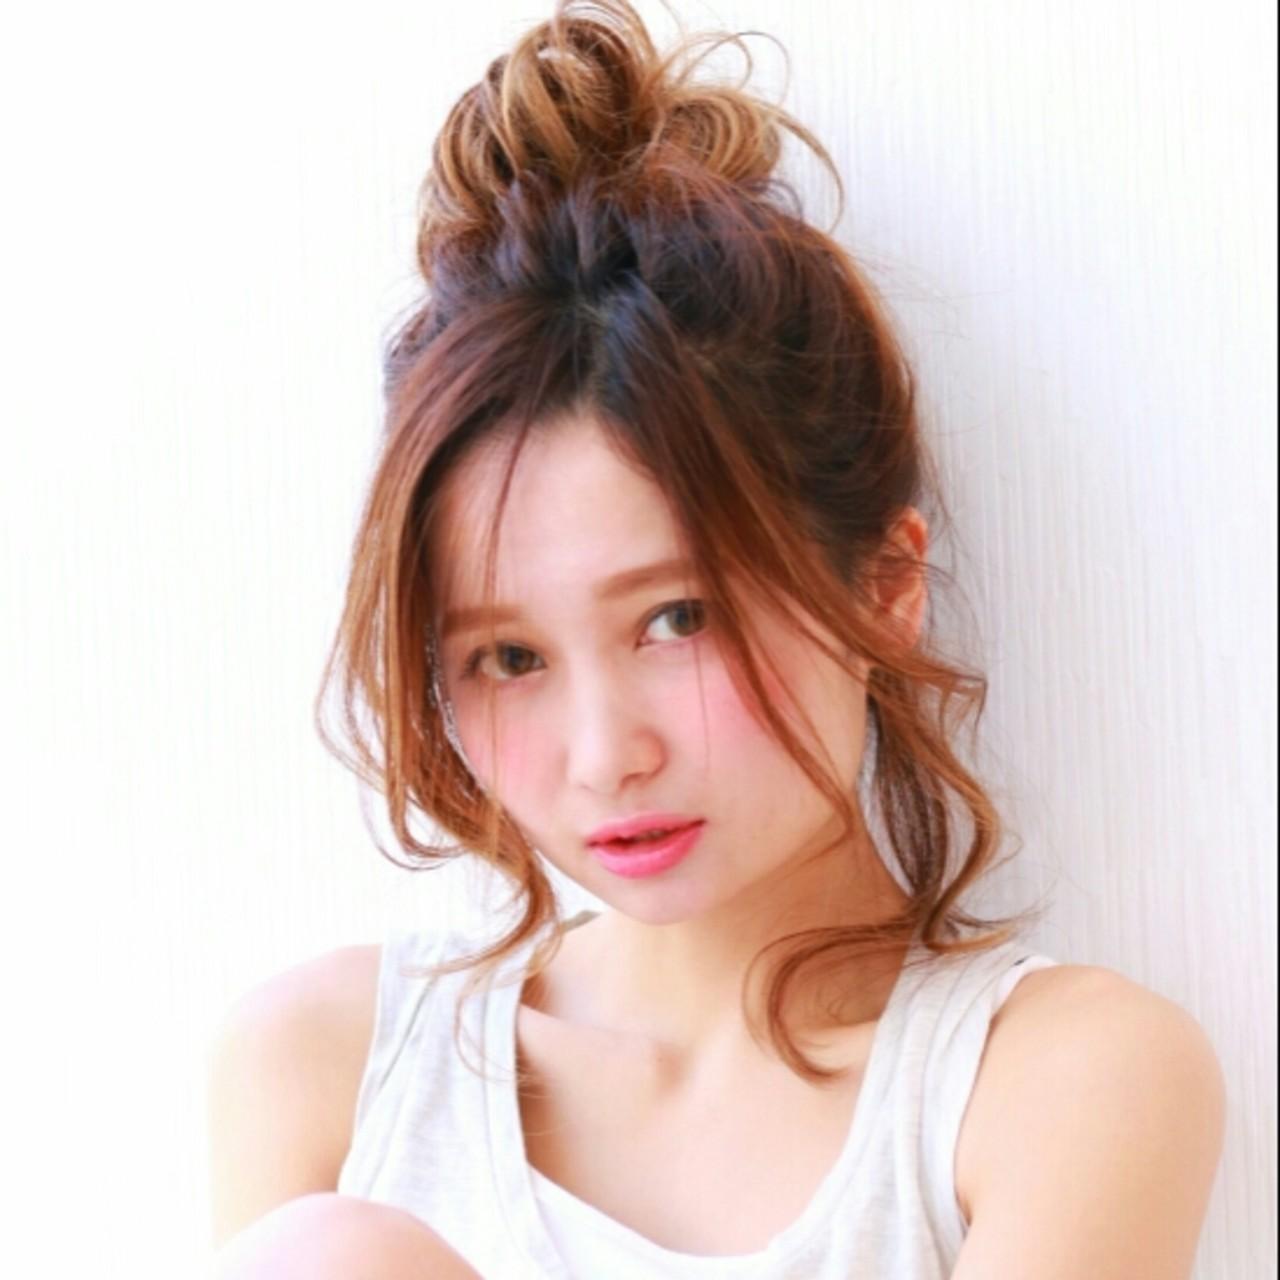 ショート お団子 ミディアム 大人かわいい ヘアスタイルや髪型の写真・画像